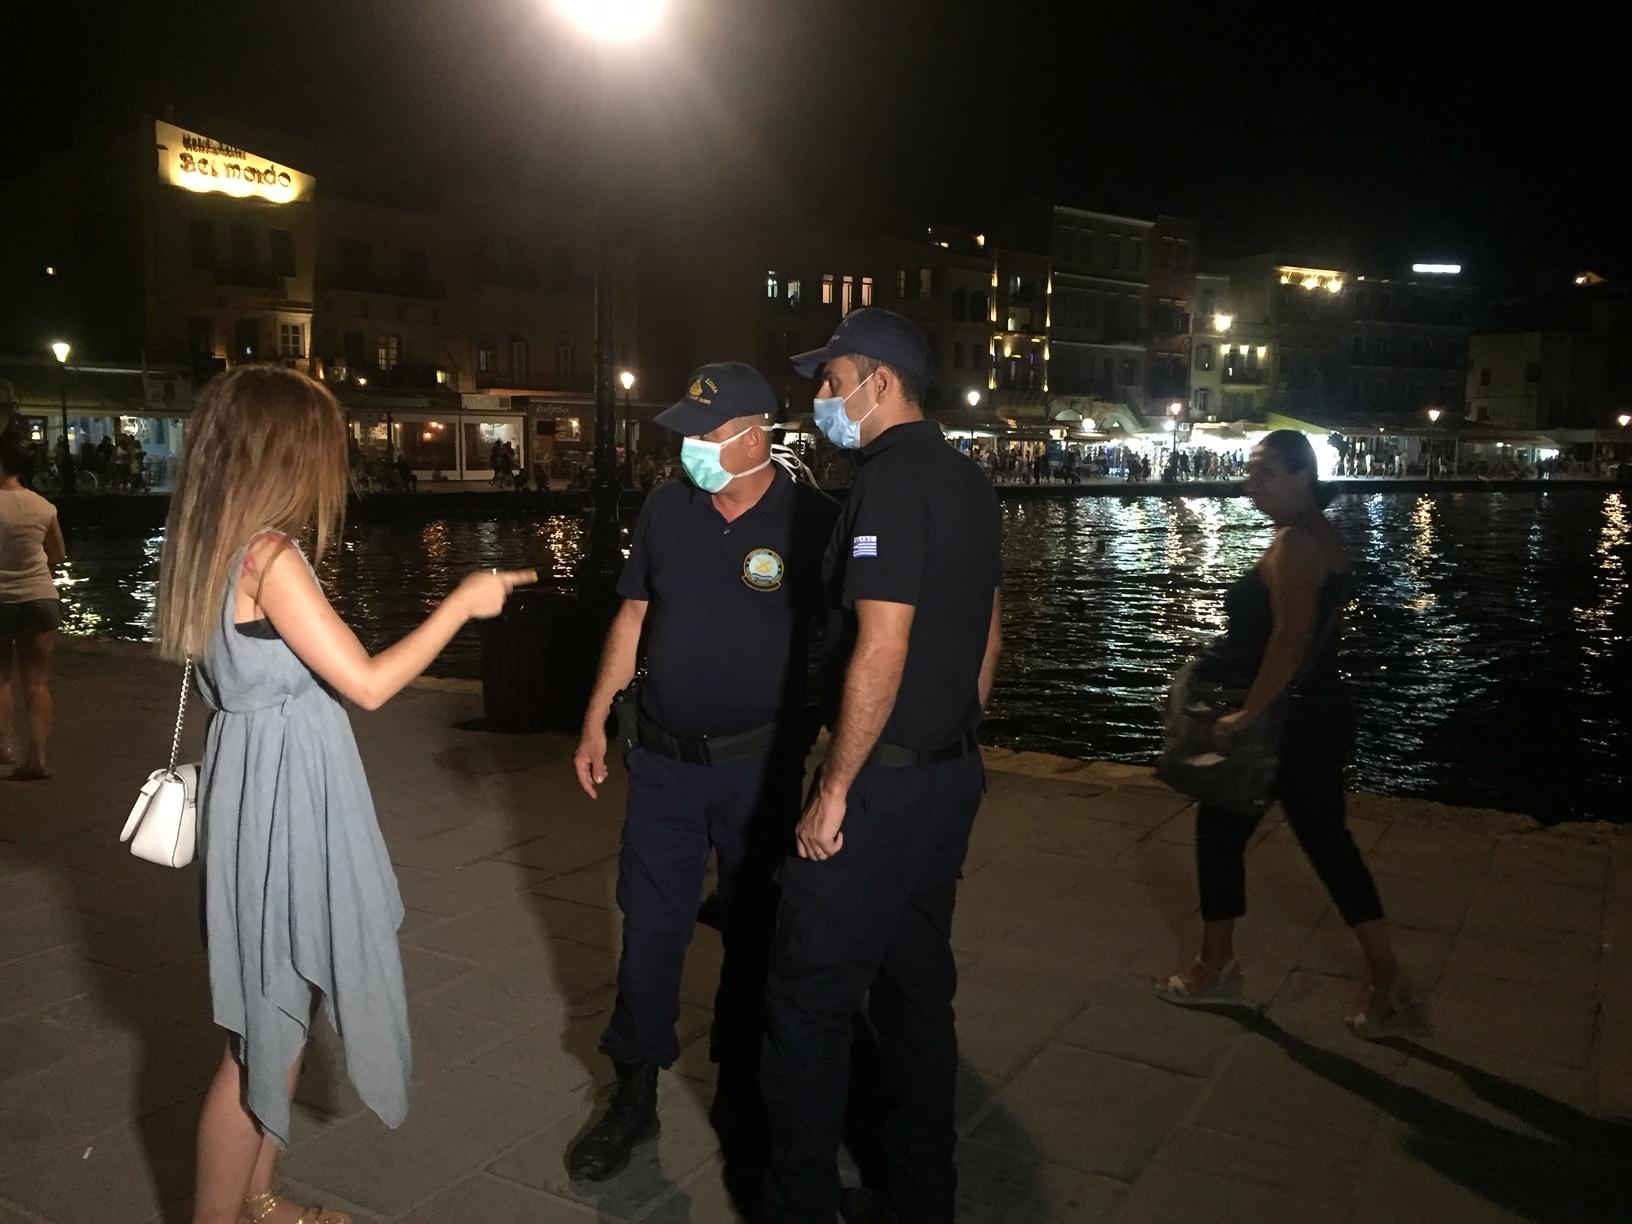 Χανιά: Έκλεισαν τα μεσάνυχτα μπαρ και εστιατόρια - Πως αντέδρασε ο κόσμος